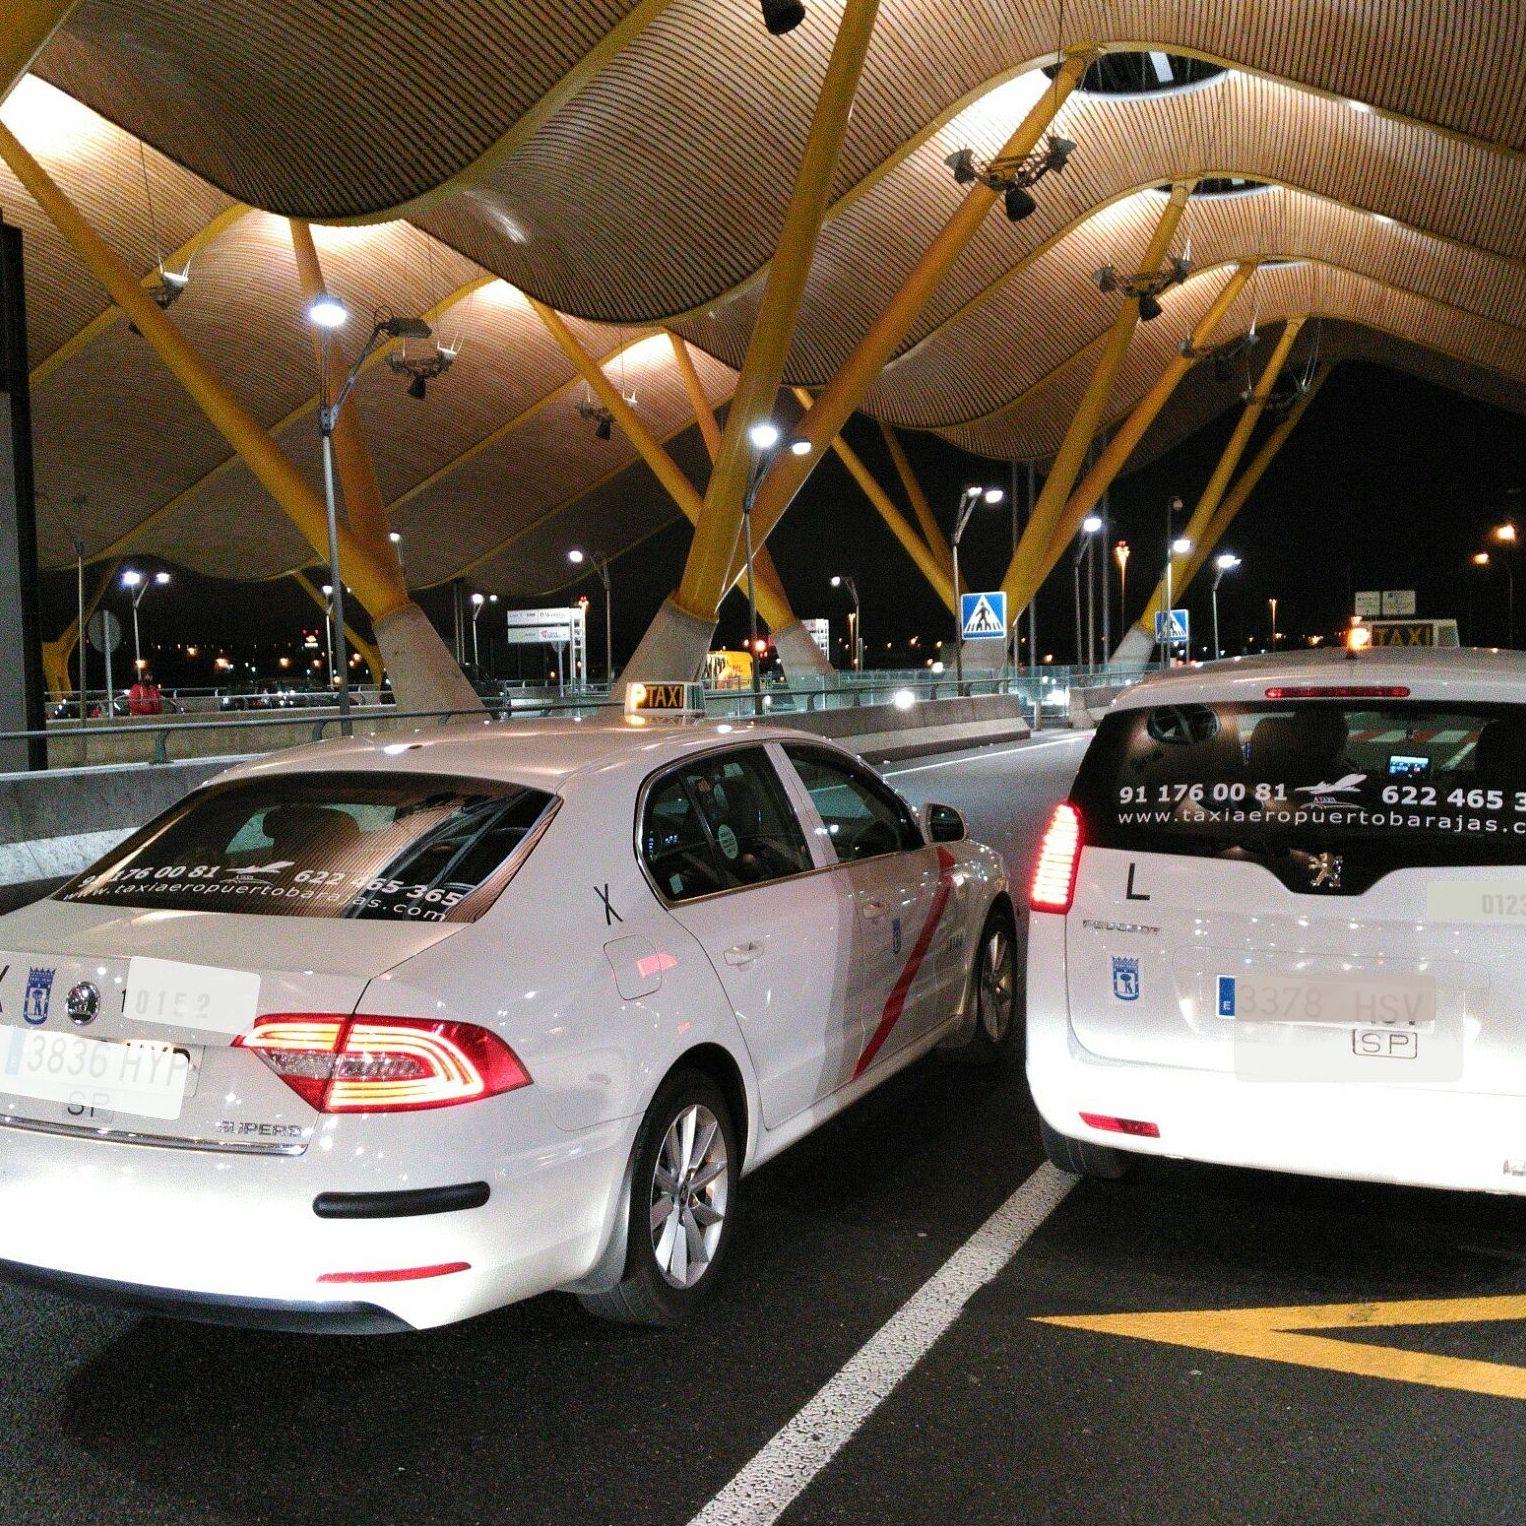 Radio Taxi Boadilla del Monte Aeropuerto